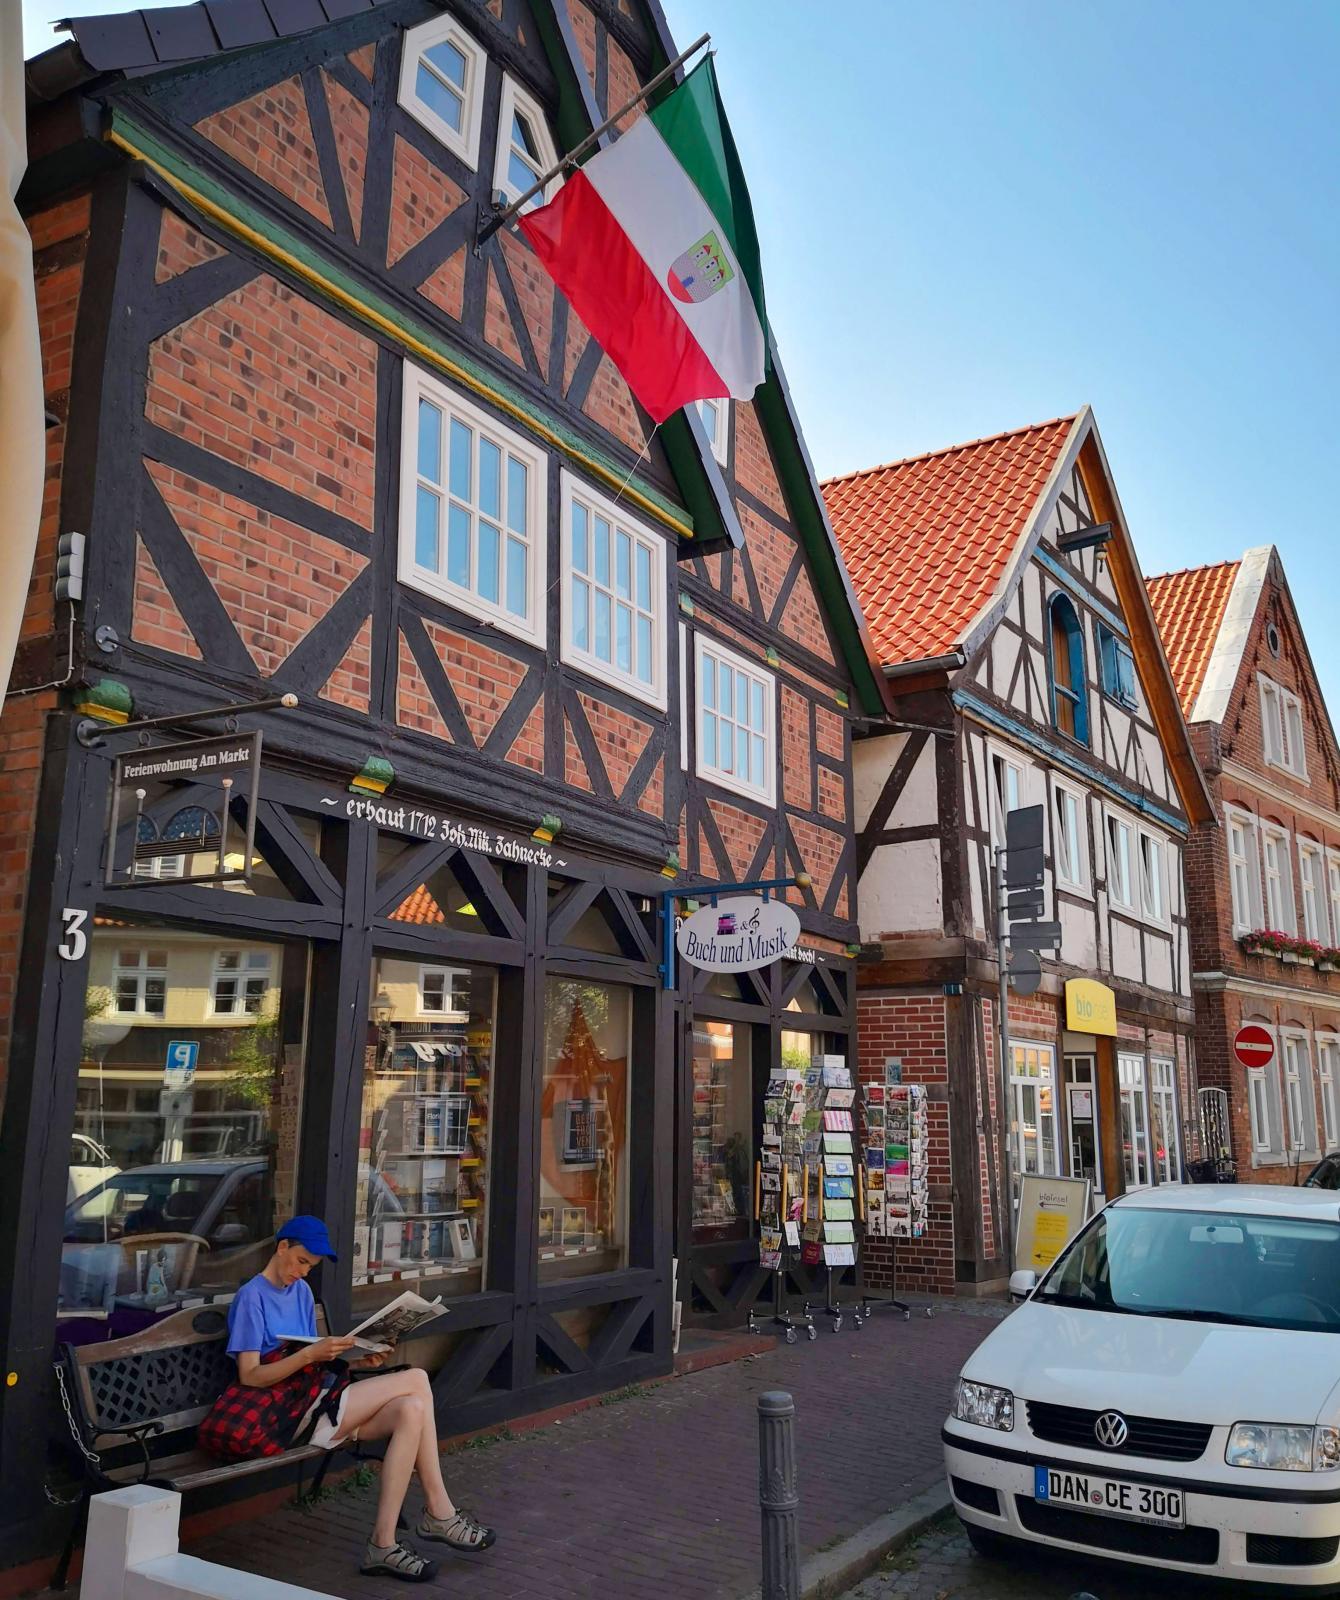 Klassisk bebyggelse i staden och en lugn och skön stämning.